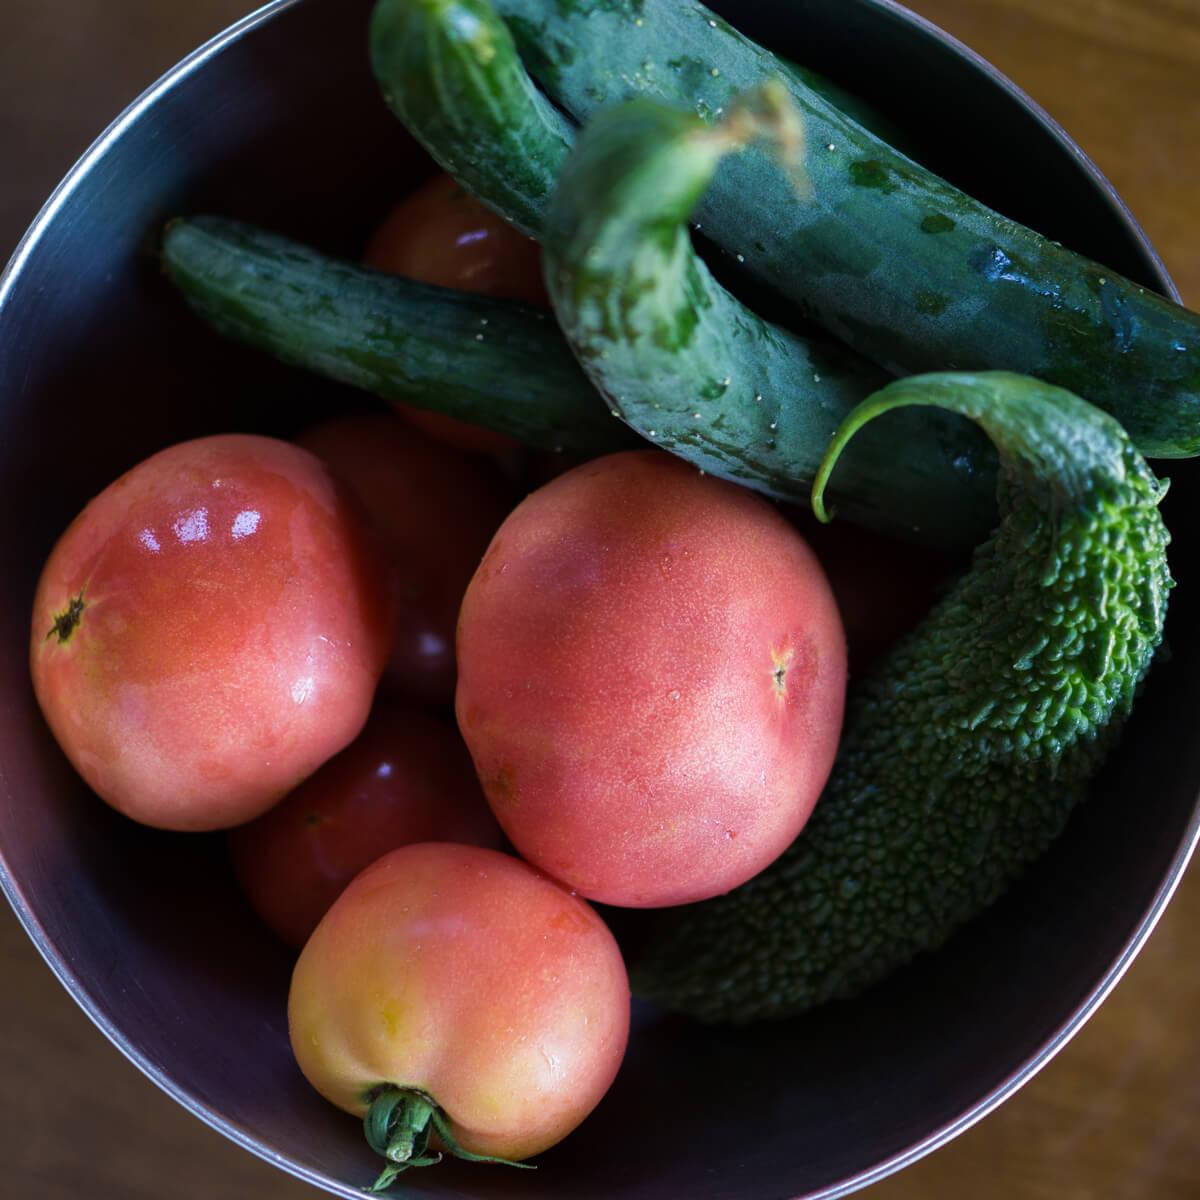 夏野菜 屋久島日々の暮らしとジュエリー